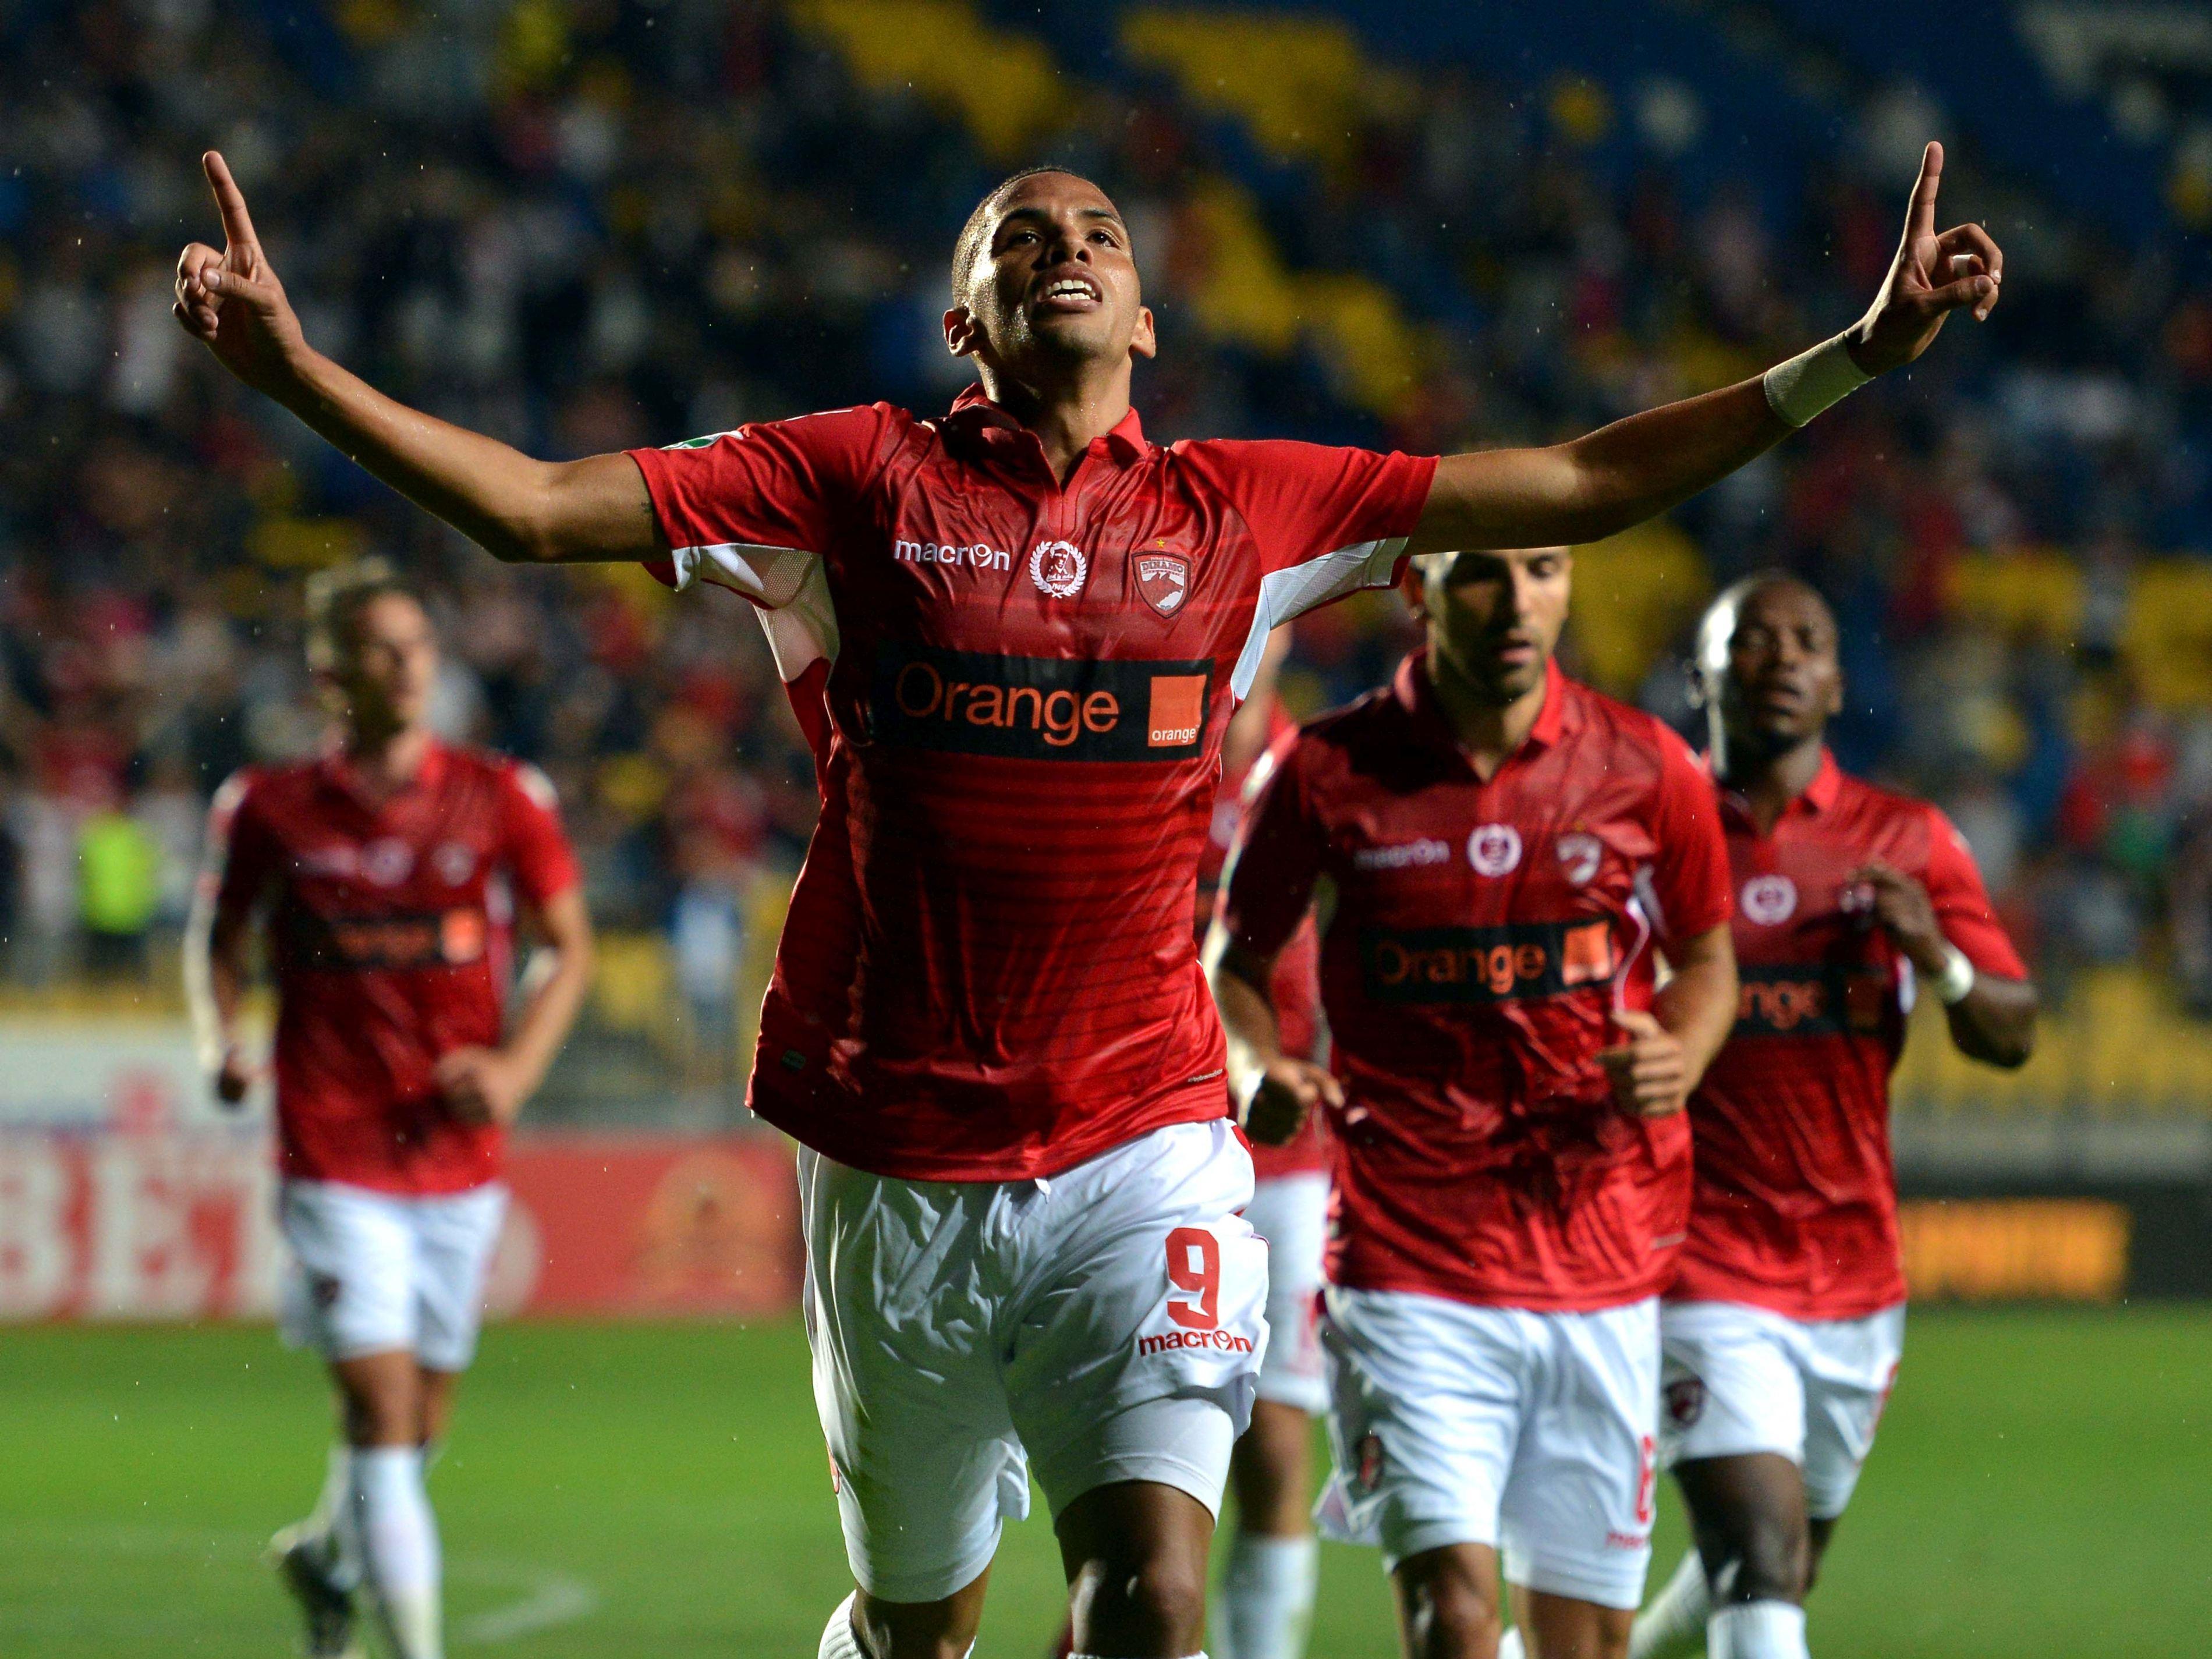 Vești excelente pentru CSU Craiova și Dinamo. Milan și Bilbao…